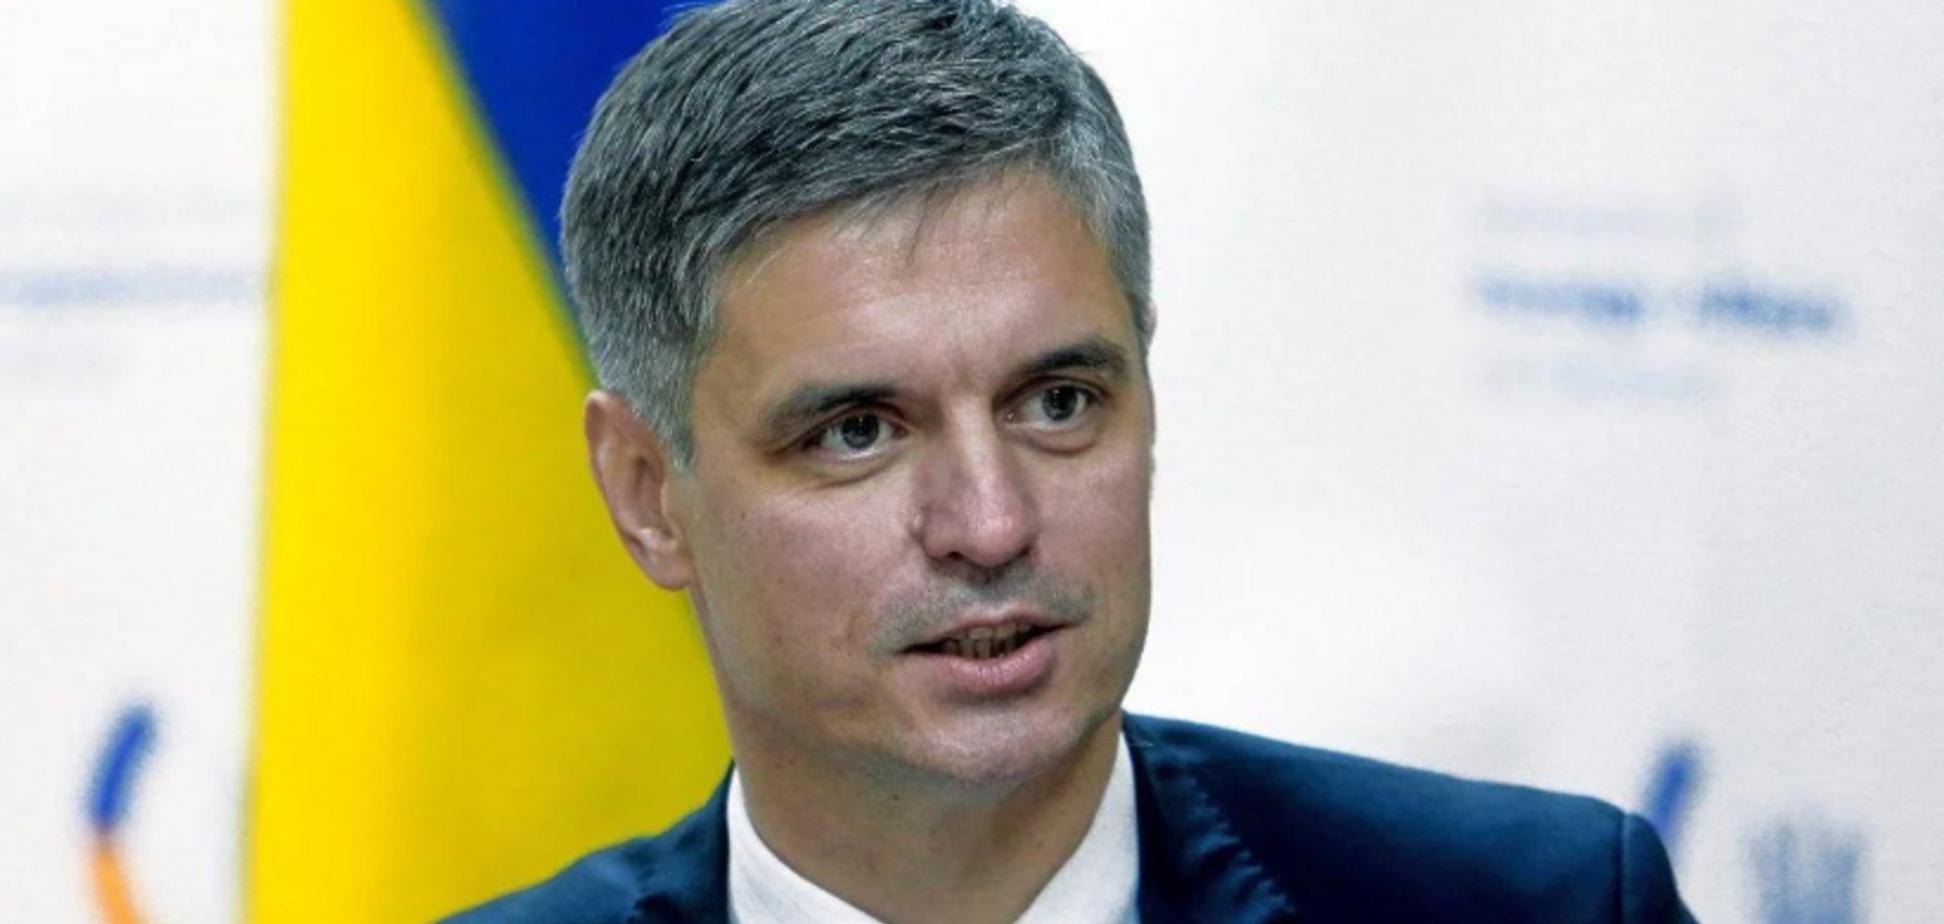 Пристайко пригрозив українцям урізанням зарплат і пенсій через 'формулу Штайнмаєра'